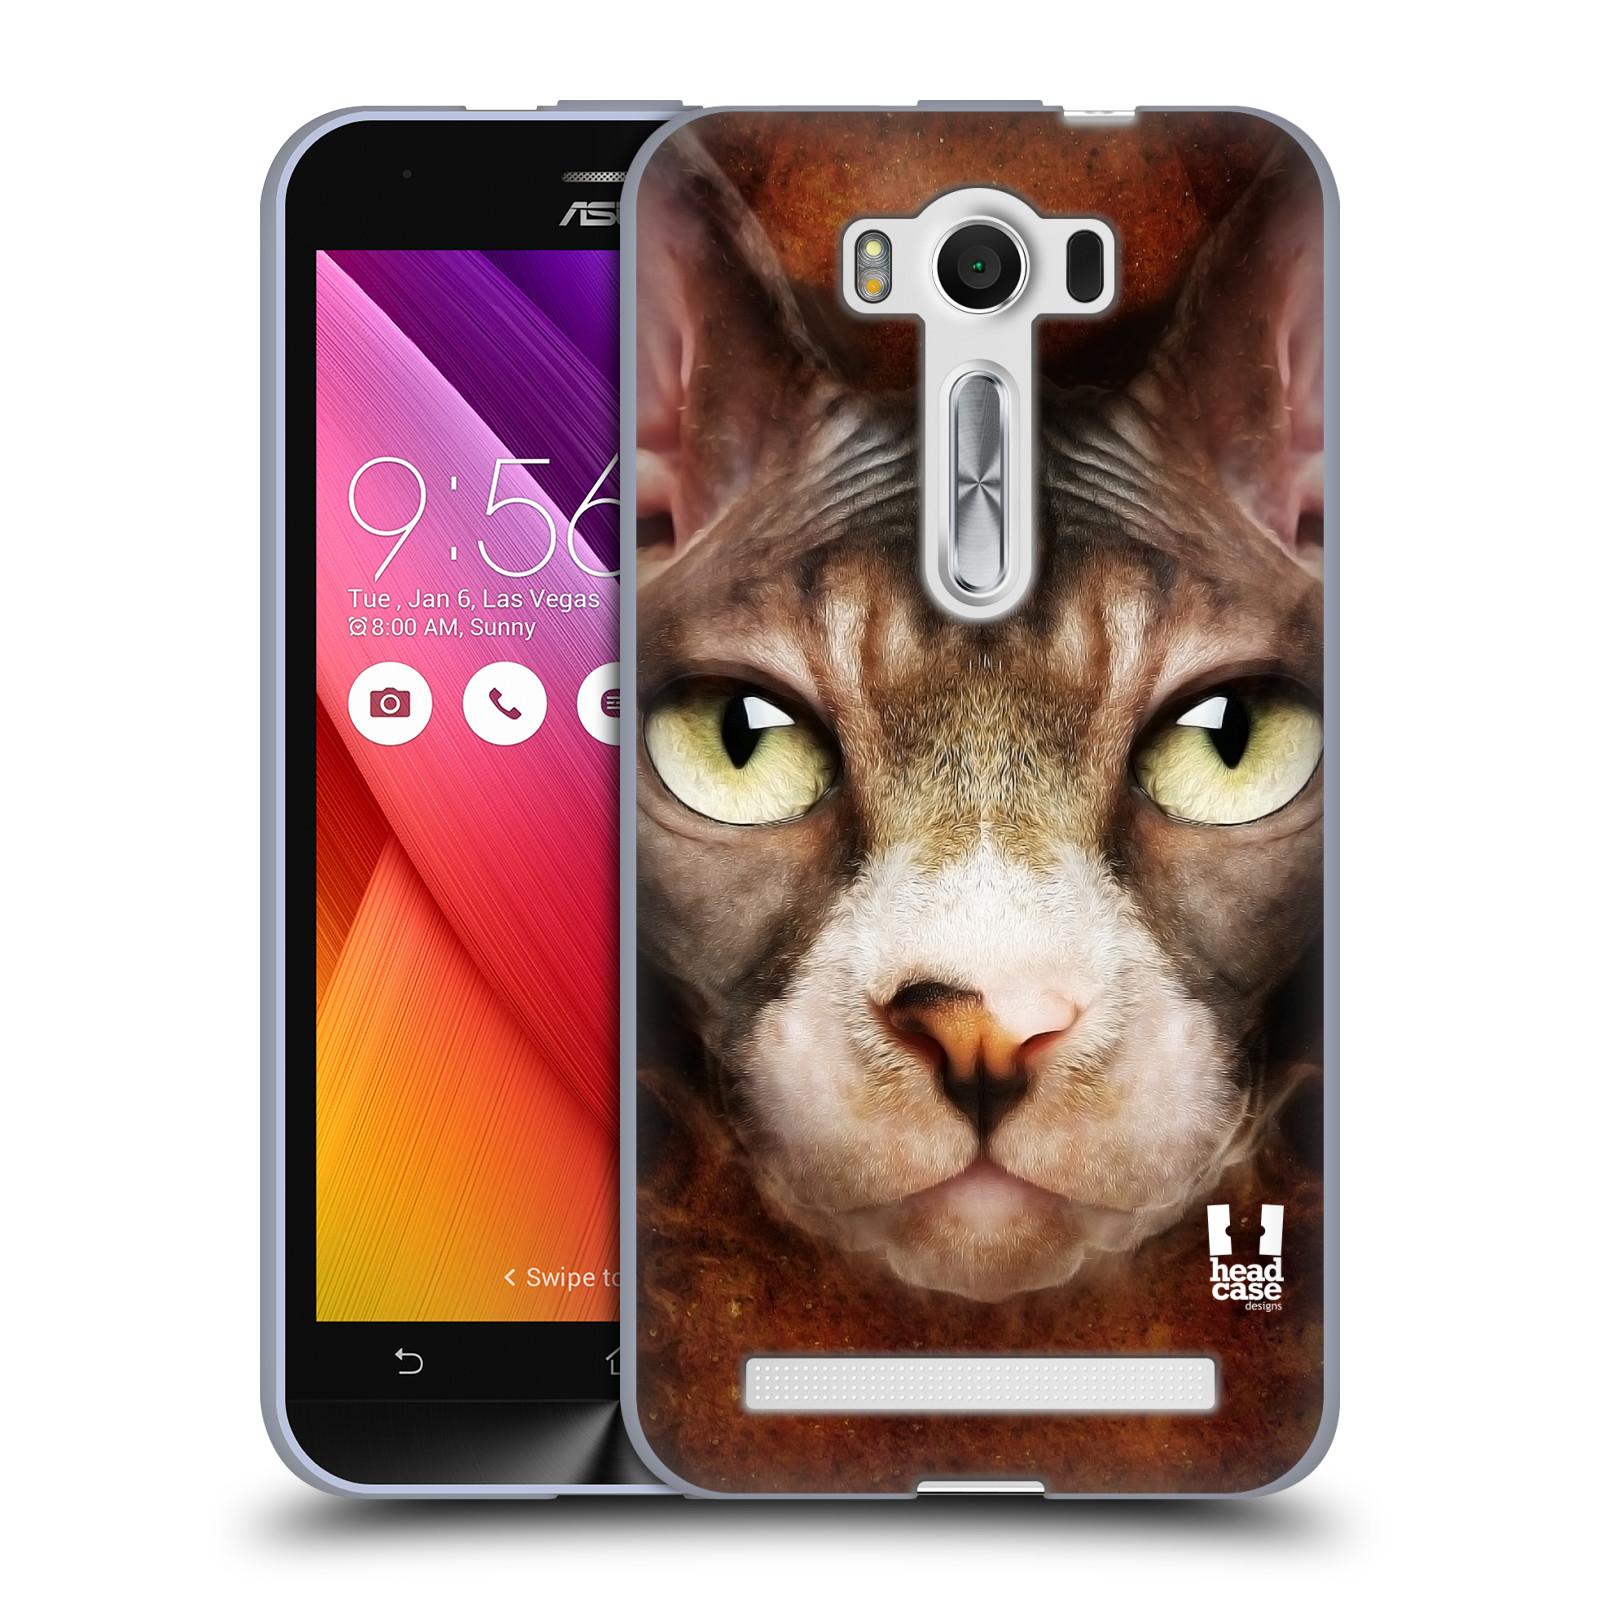 """HEAD CASE silikonový obal na mobil Asus Zenfone 2 LASER (ZE500KL s 5"""" displejem) vzor Zvířecí tváře kočka sphynx"""